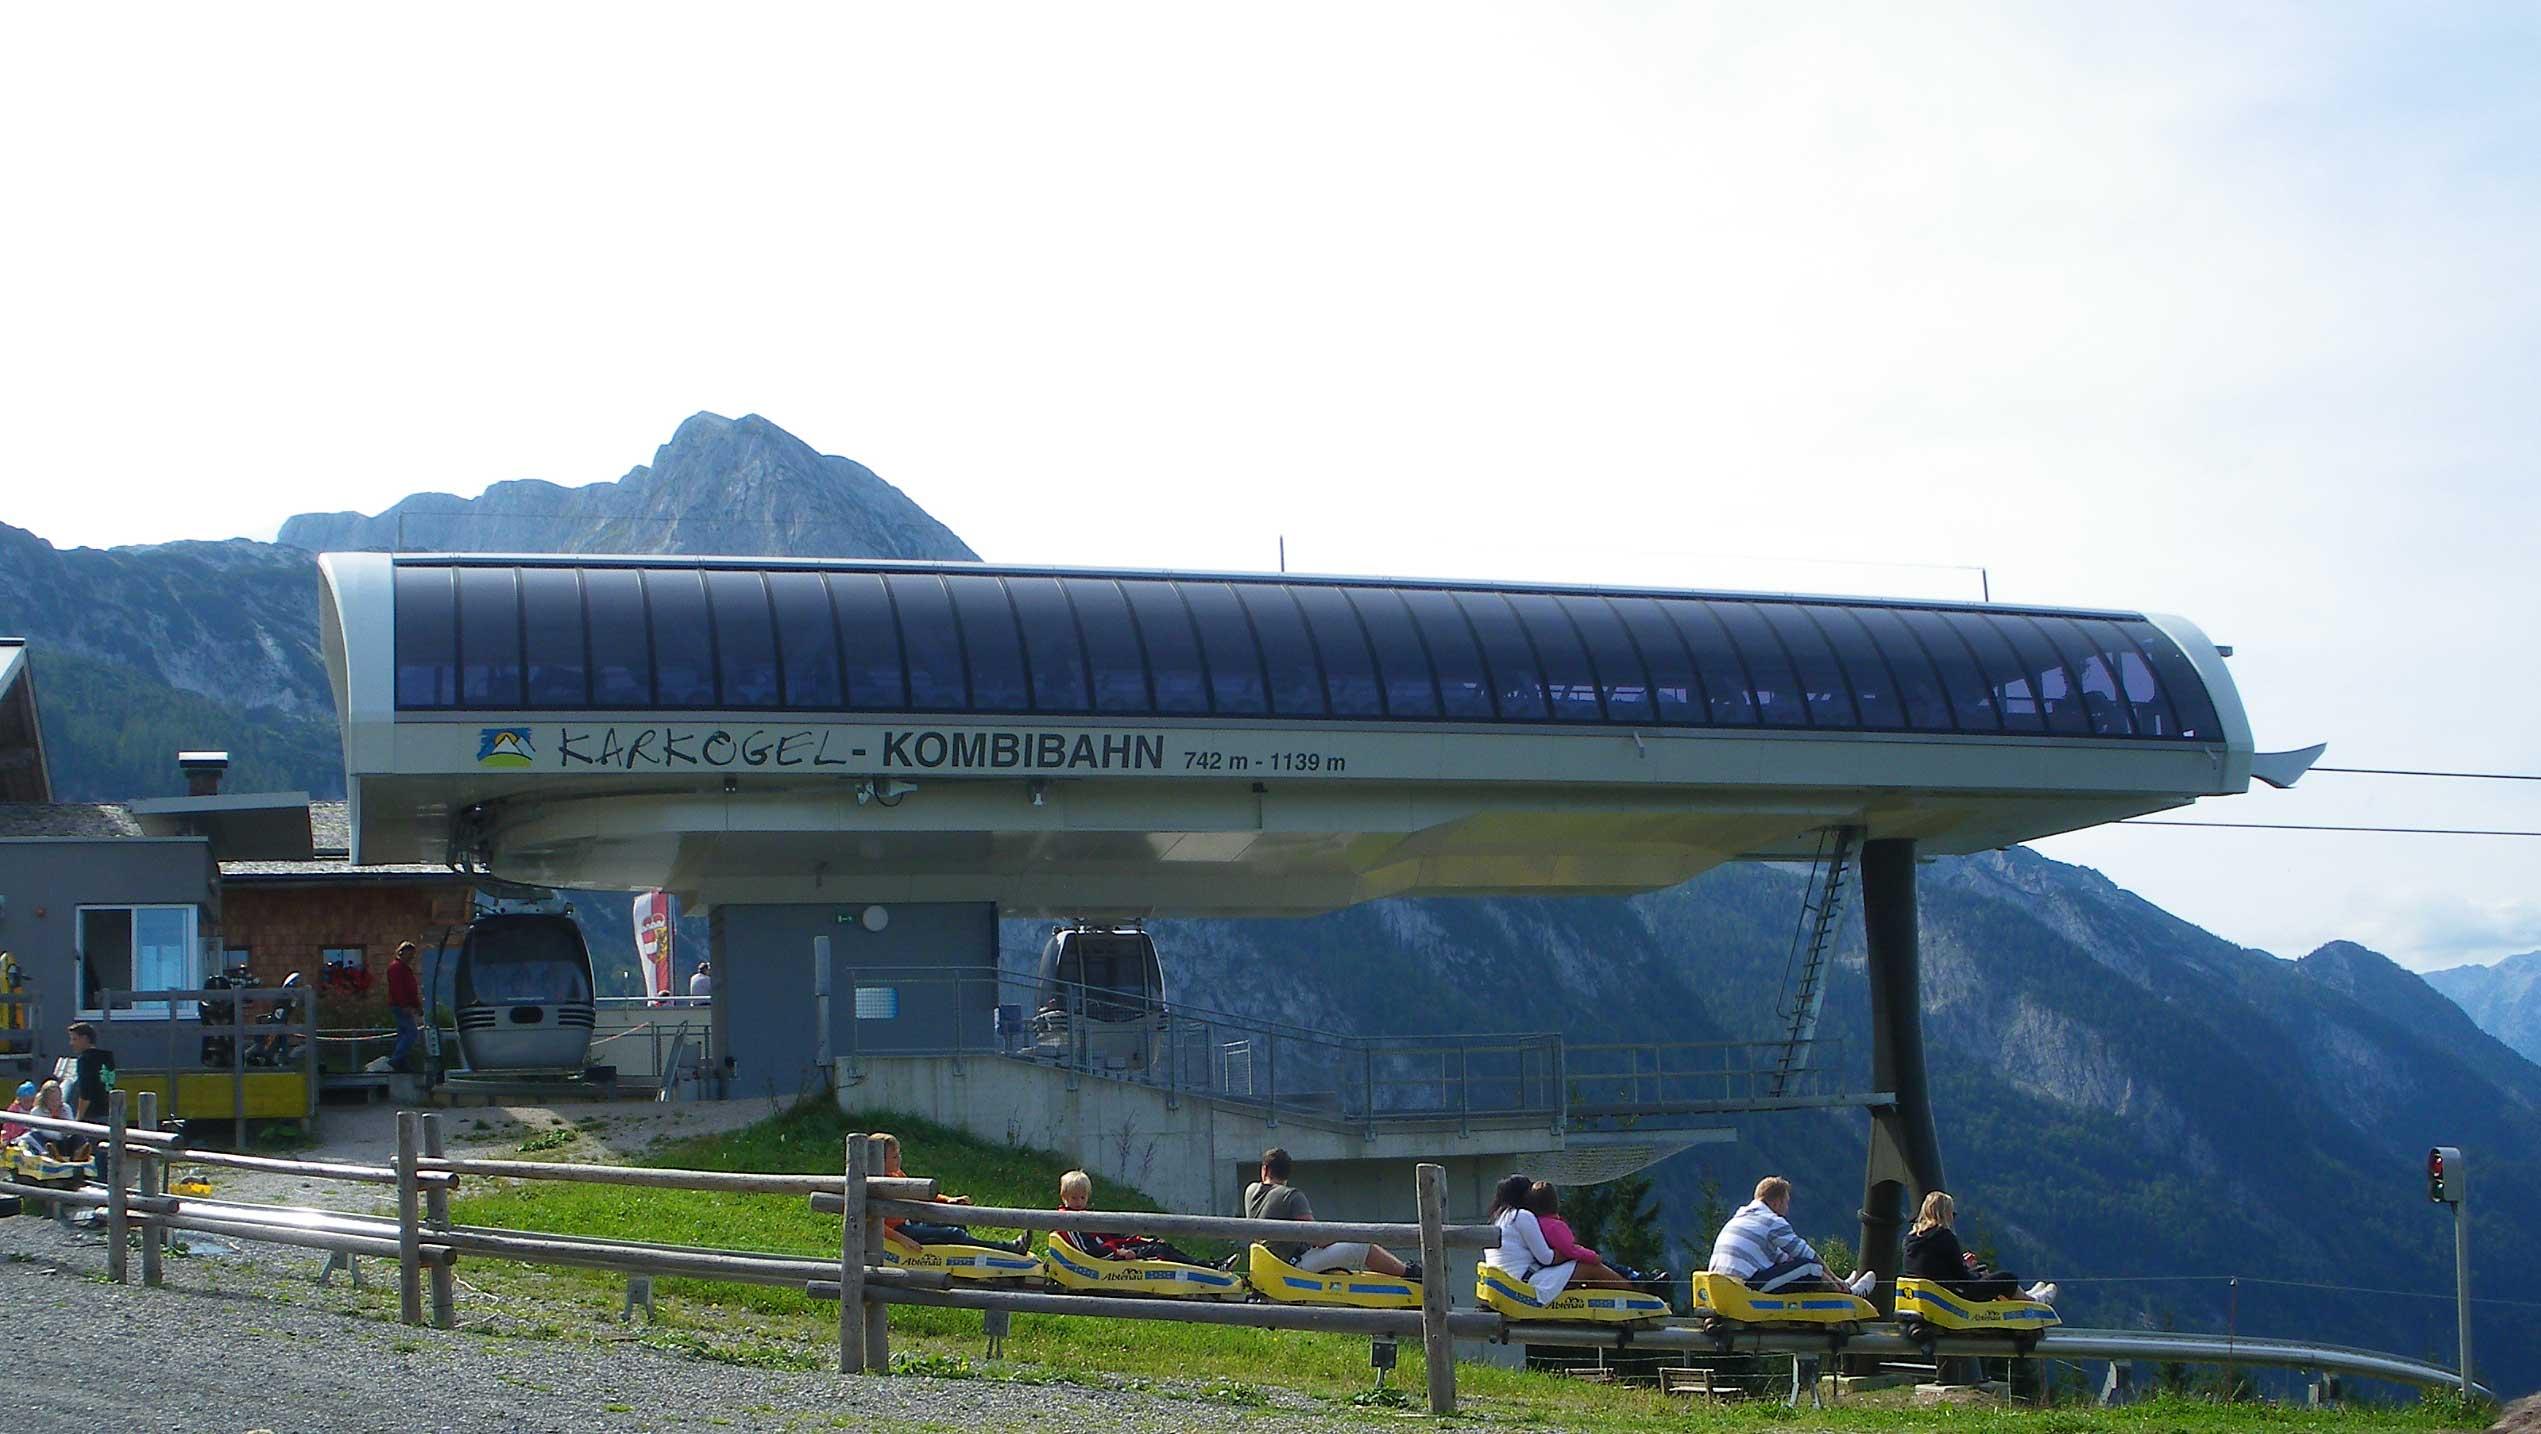 Bergstation Karkogel Kombibahn